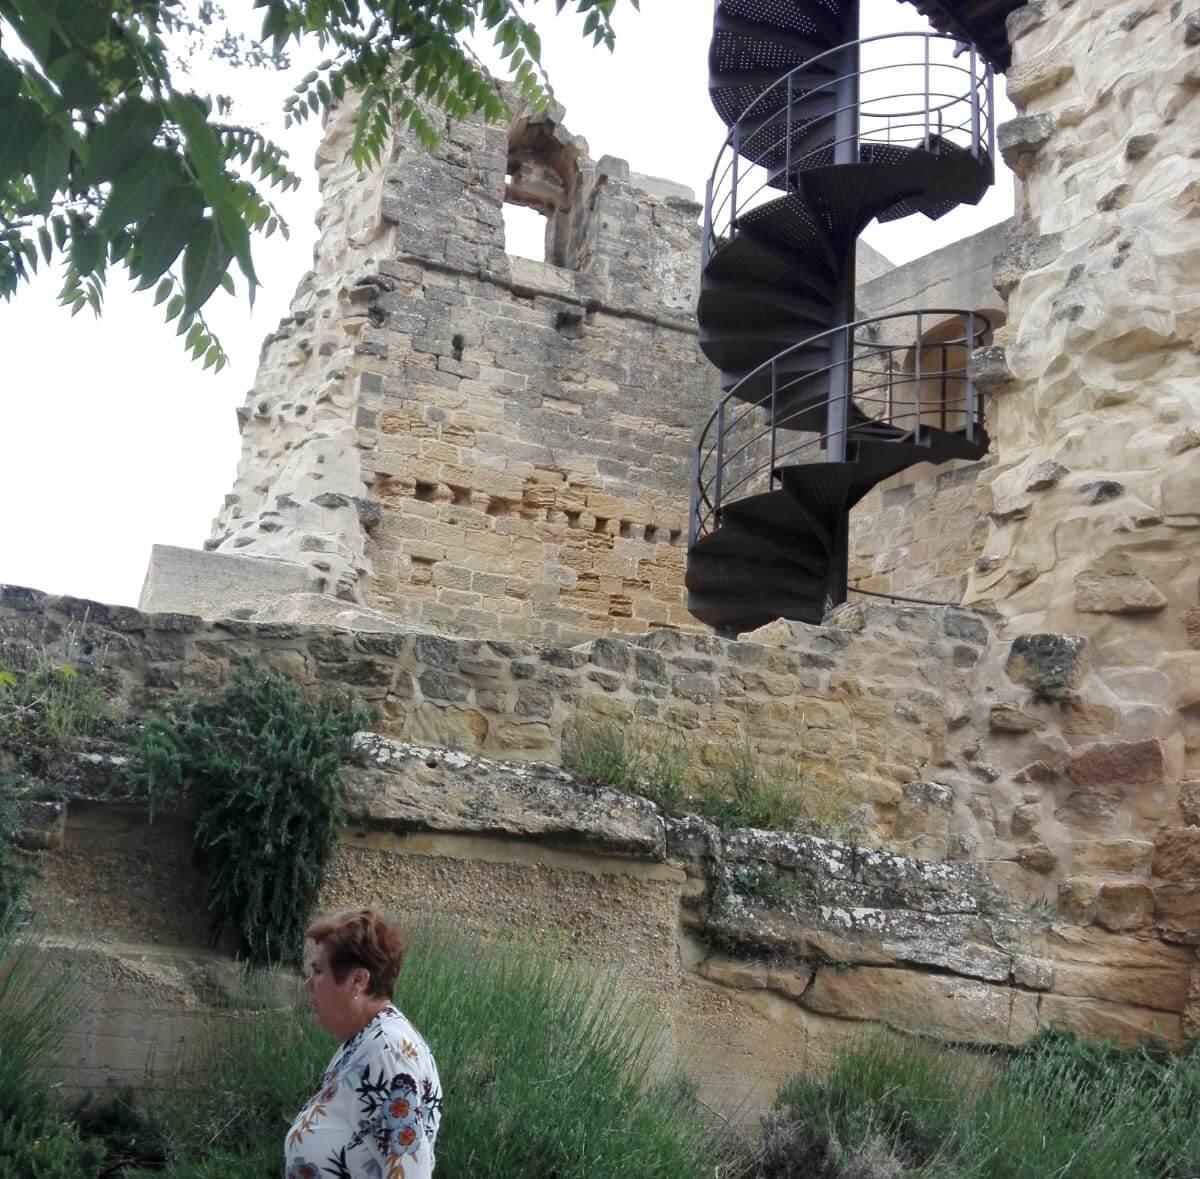 Fallece una vecina de Madrid de 72 años al caerse de la torre del Castillo de Briones 1